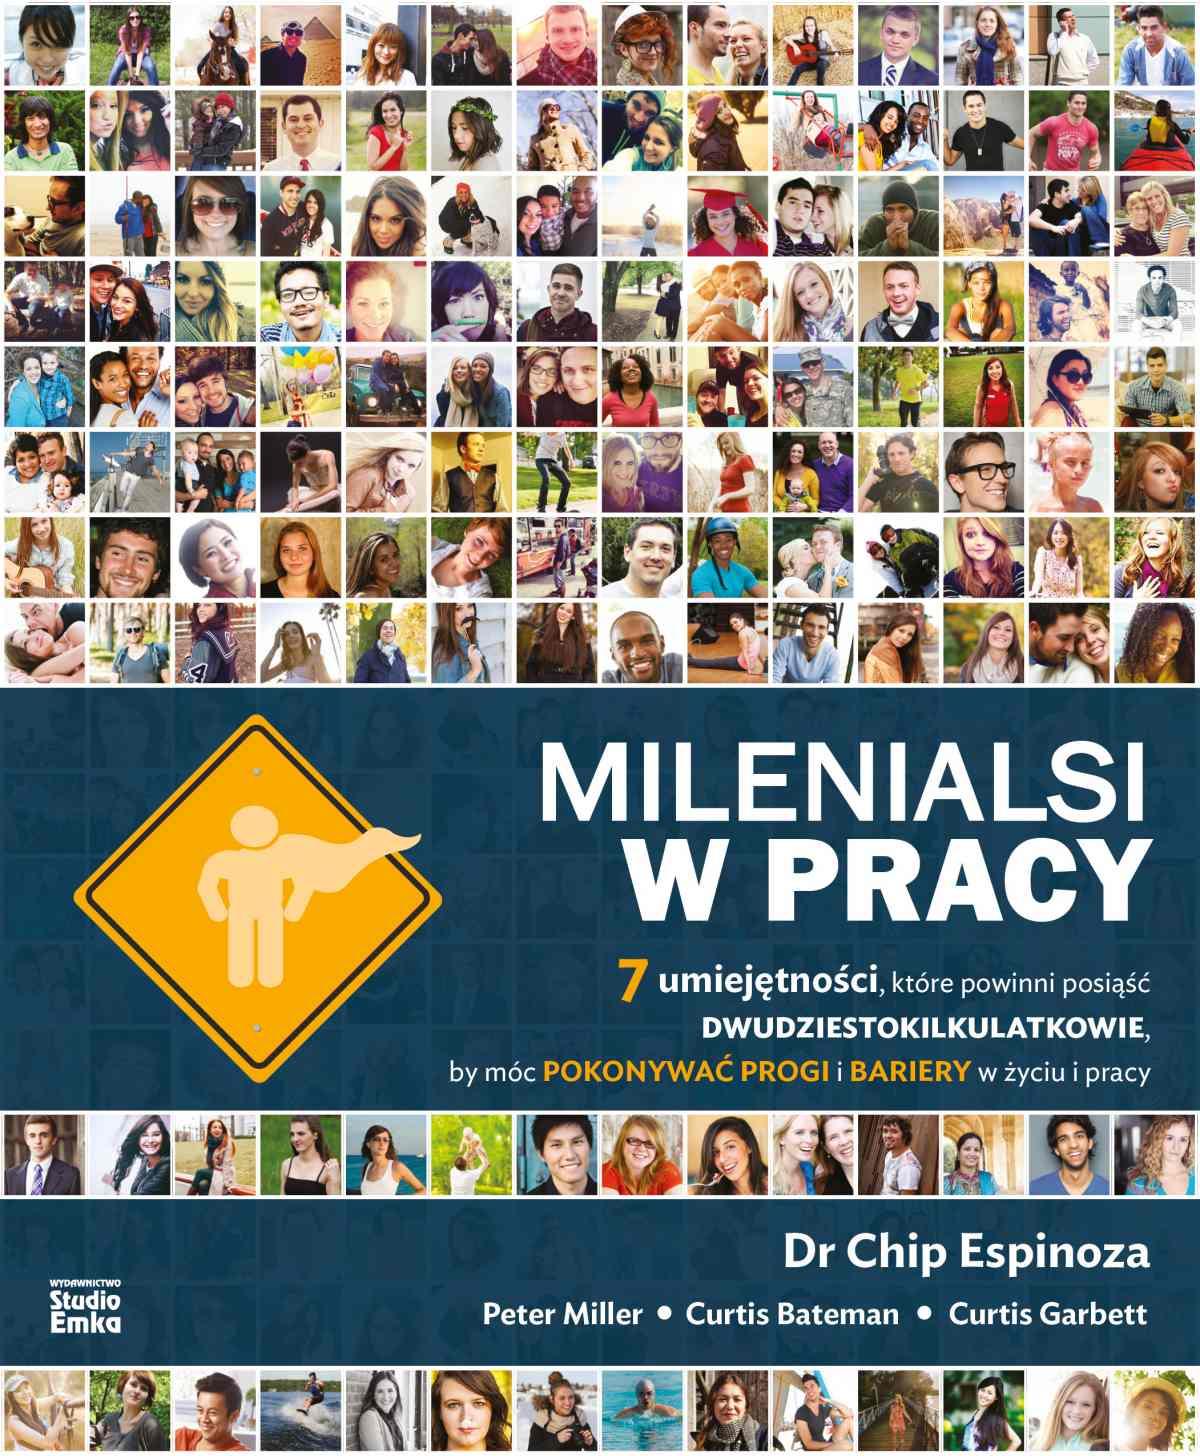 Milenialsi w pracy 7 umiejętności, które powinni posiąść dwudziestokilkulatkowie, by móc pokonywać progi i bariery w życiu i pracy - Ebook (Książka EPUB) do pobrania w formacie EPUB